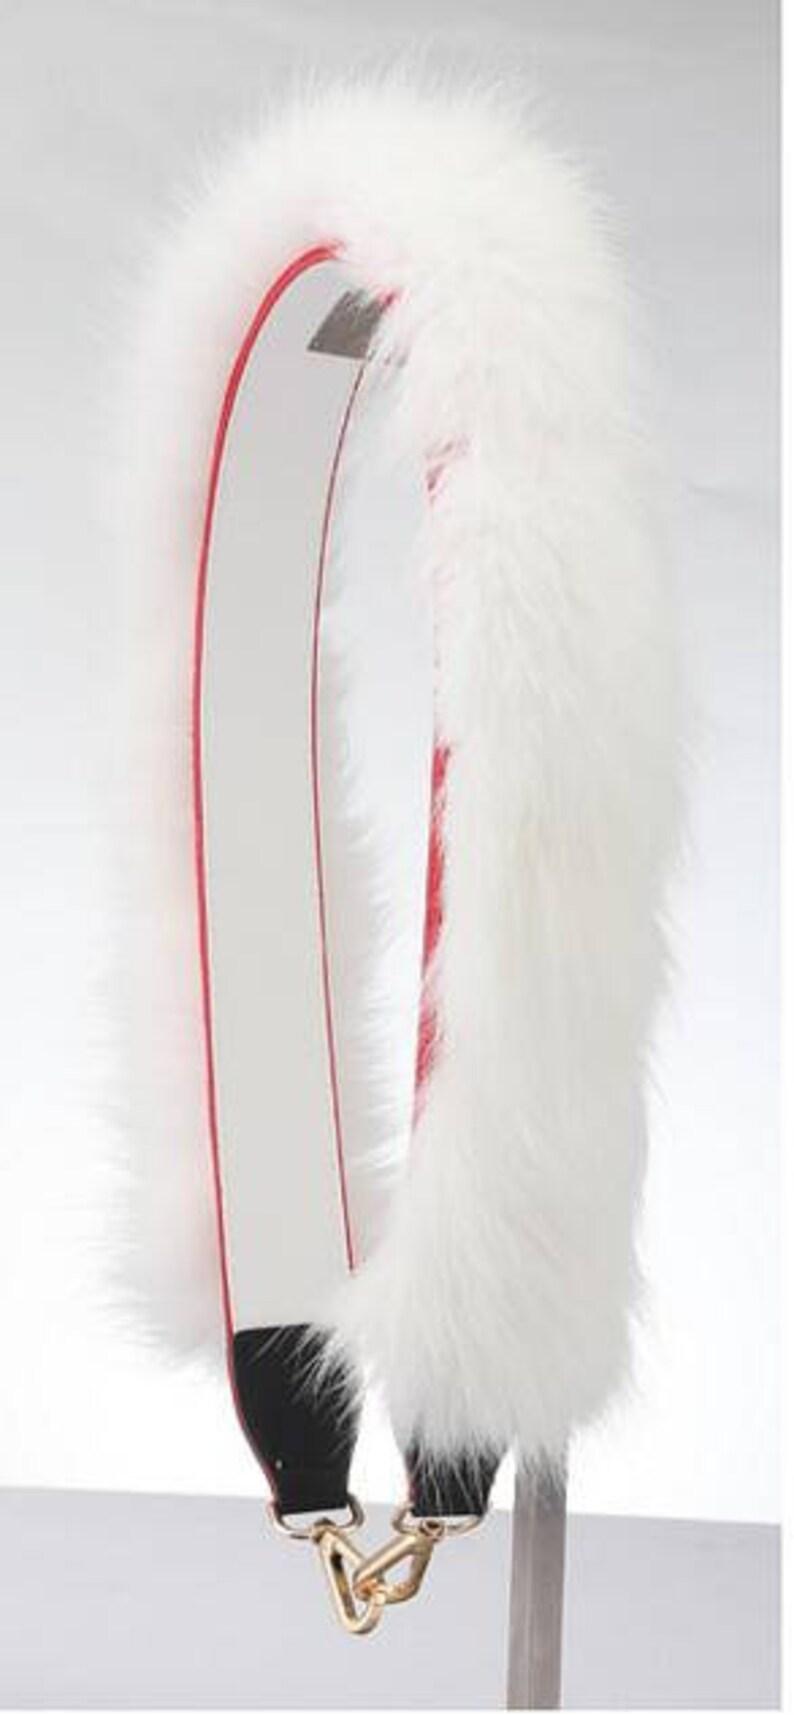 1eb7d2a254 White Furry Bag Straps Pom Pom Puff Handbag Accessories purse